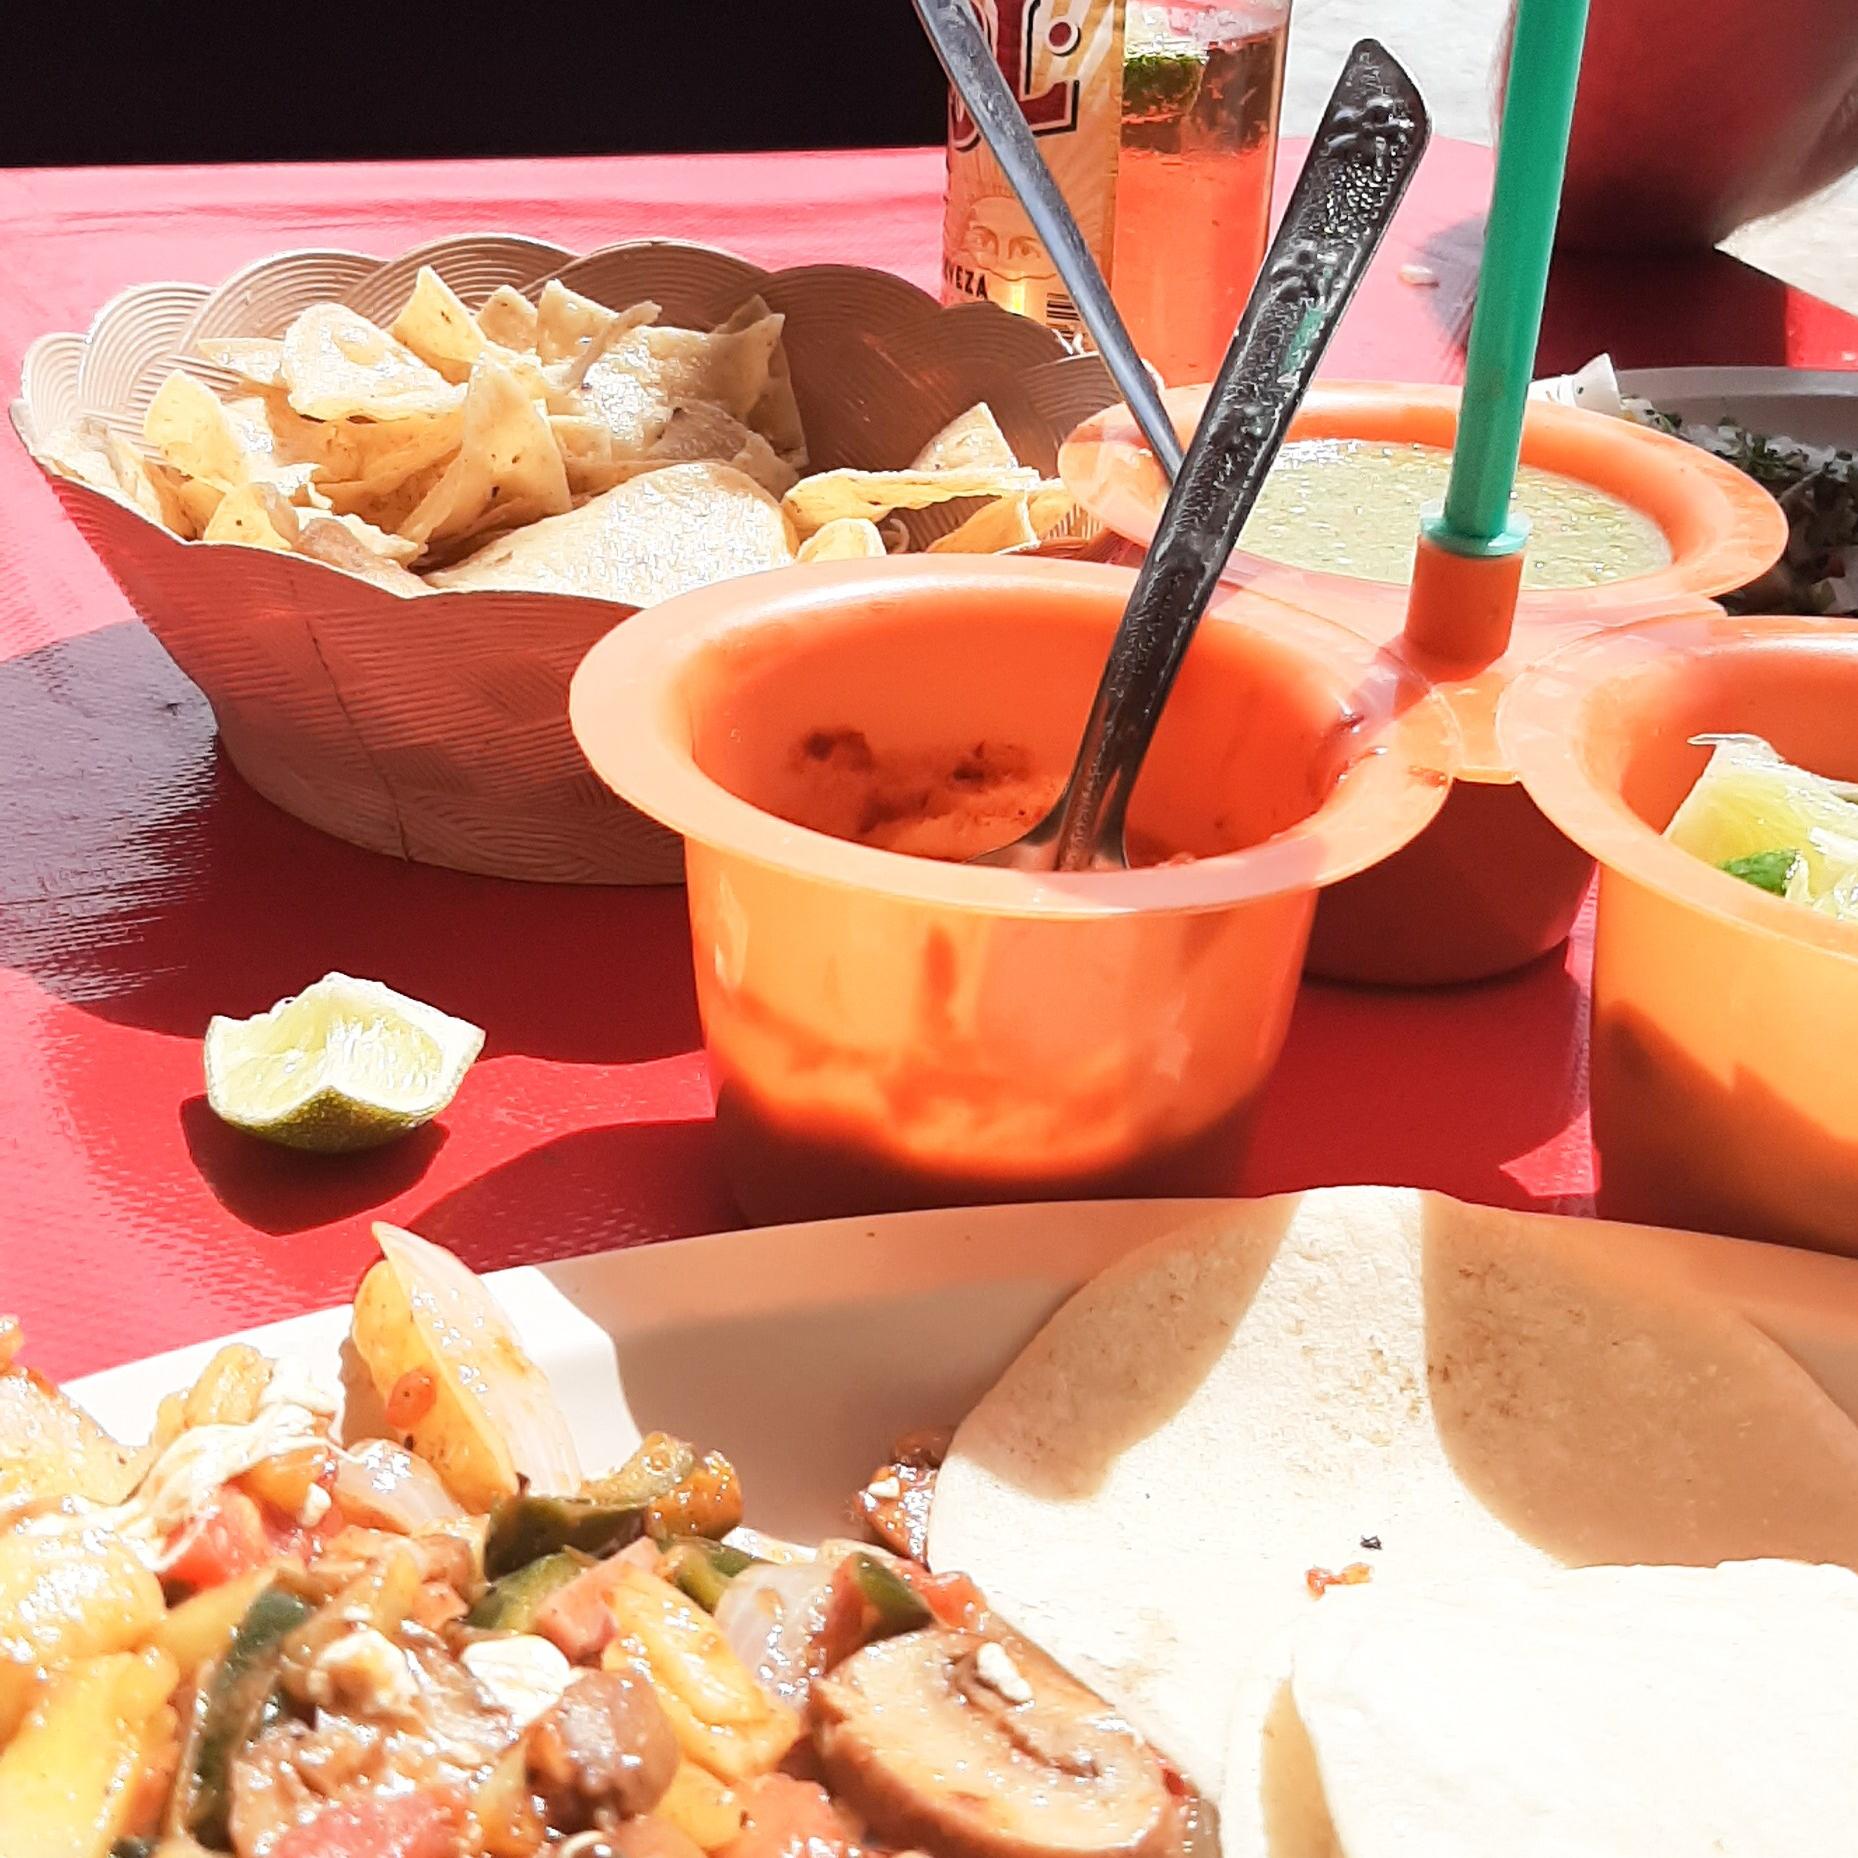 Build Your Own Taco at El Poblano